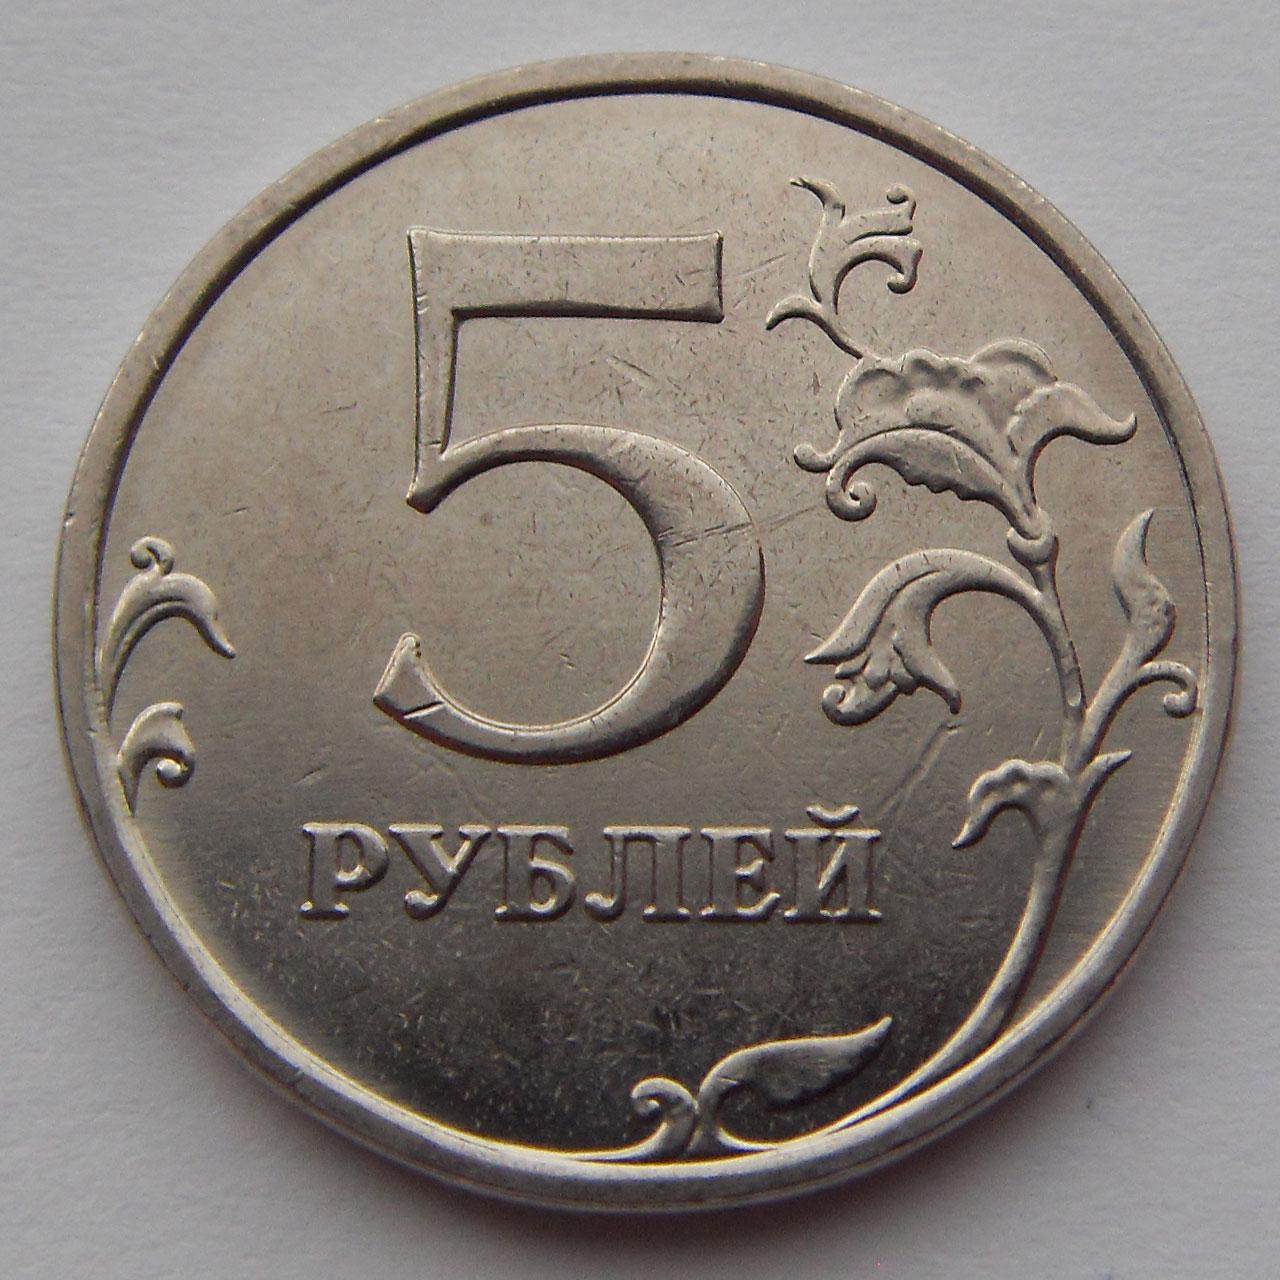 Вес монеты 5 рублей 2014 года hansestadt перевод